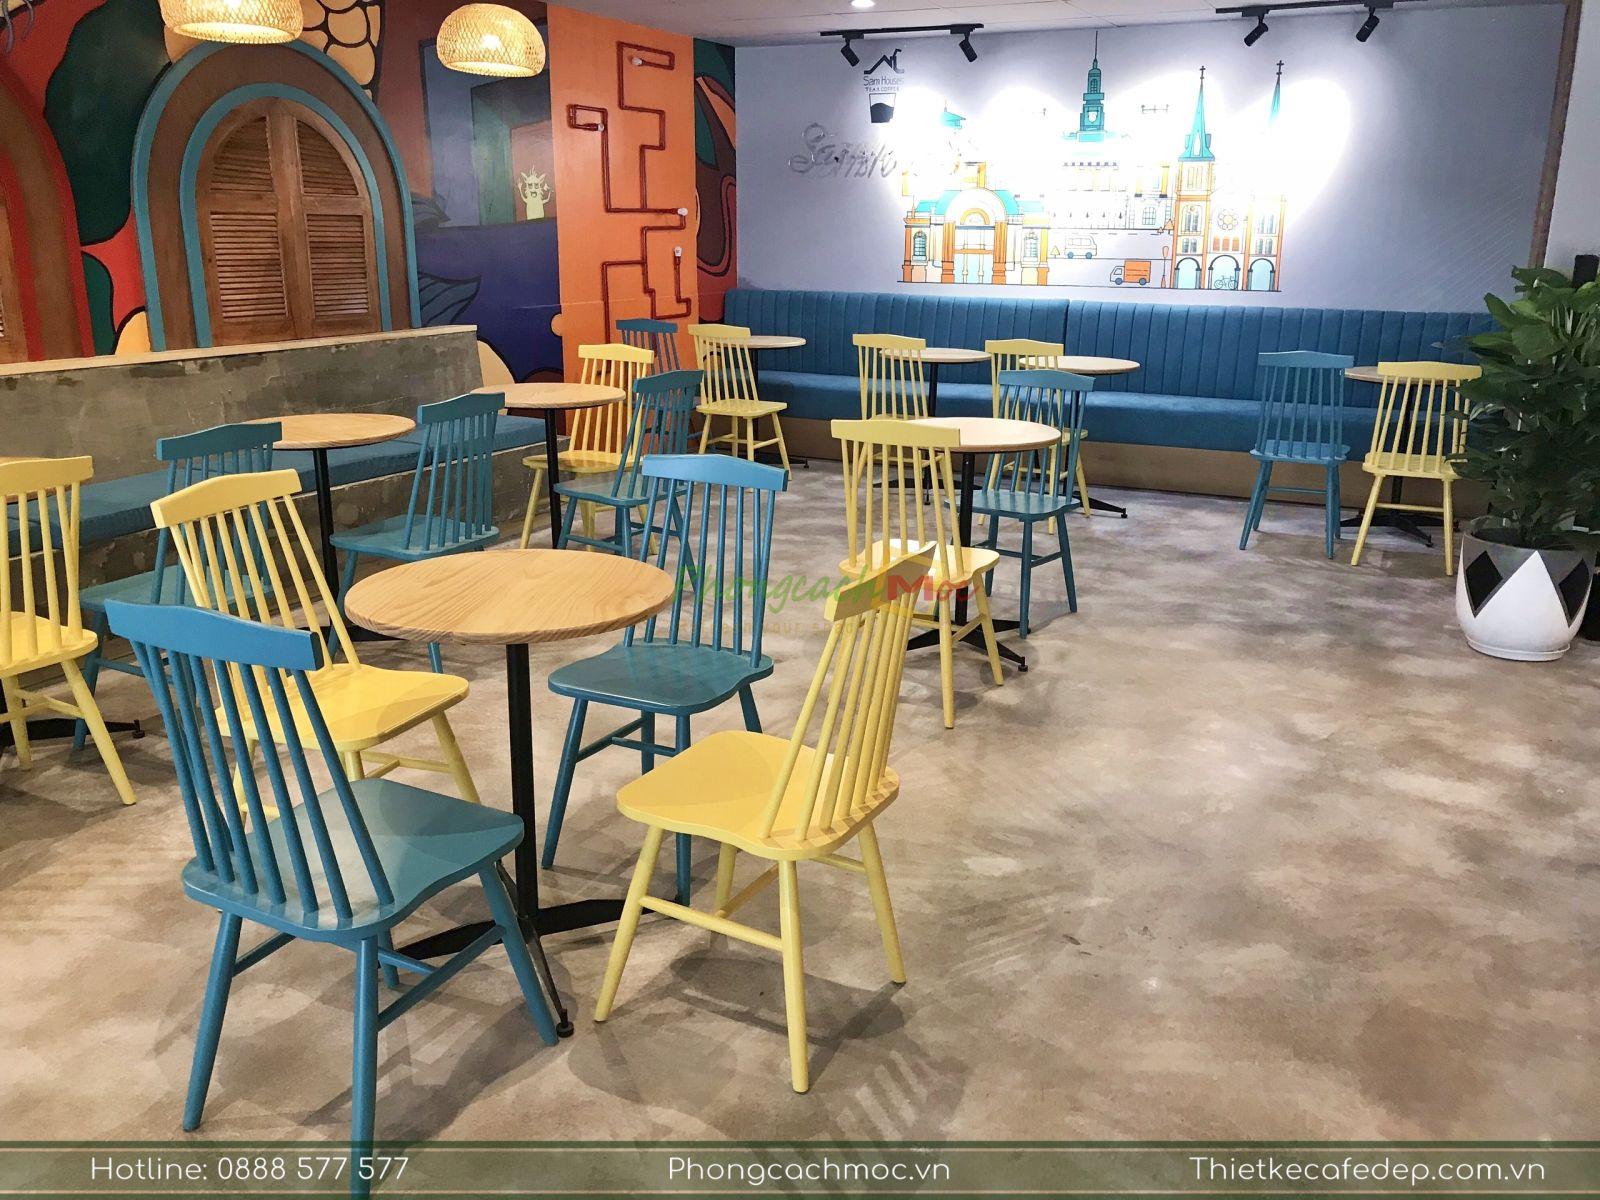 noi-that-quan-cafe-samhouse-coffee-binh-duong-42